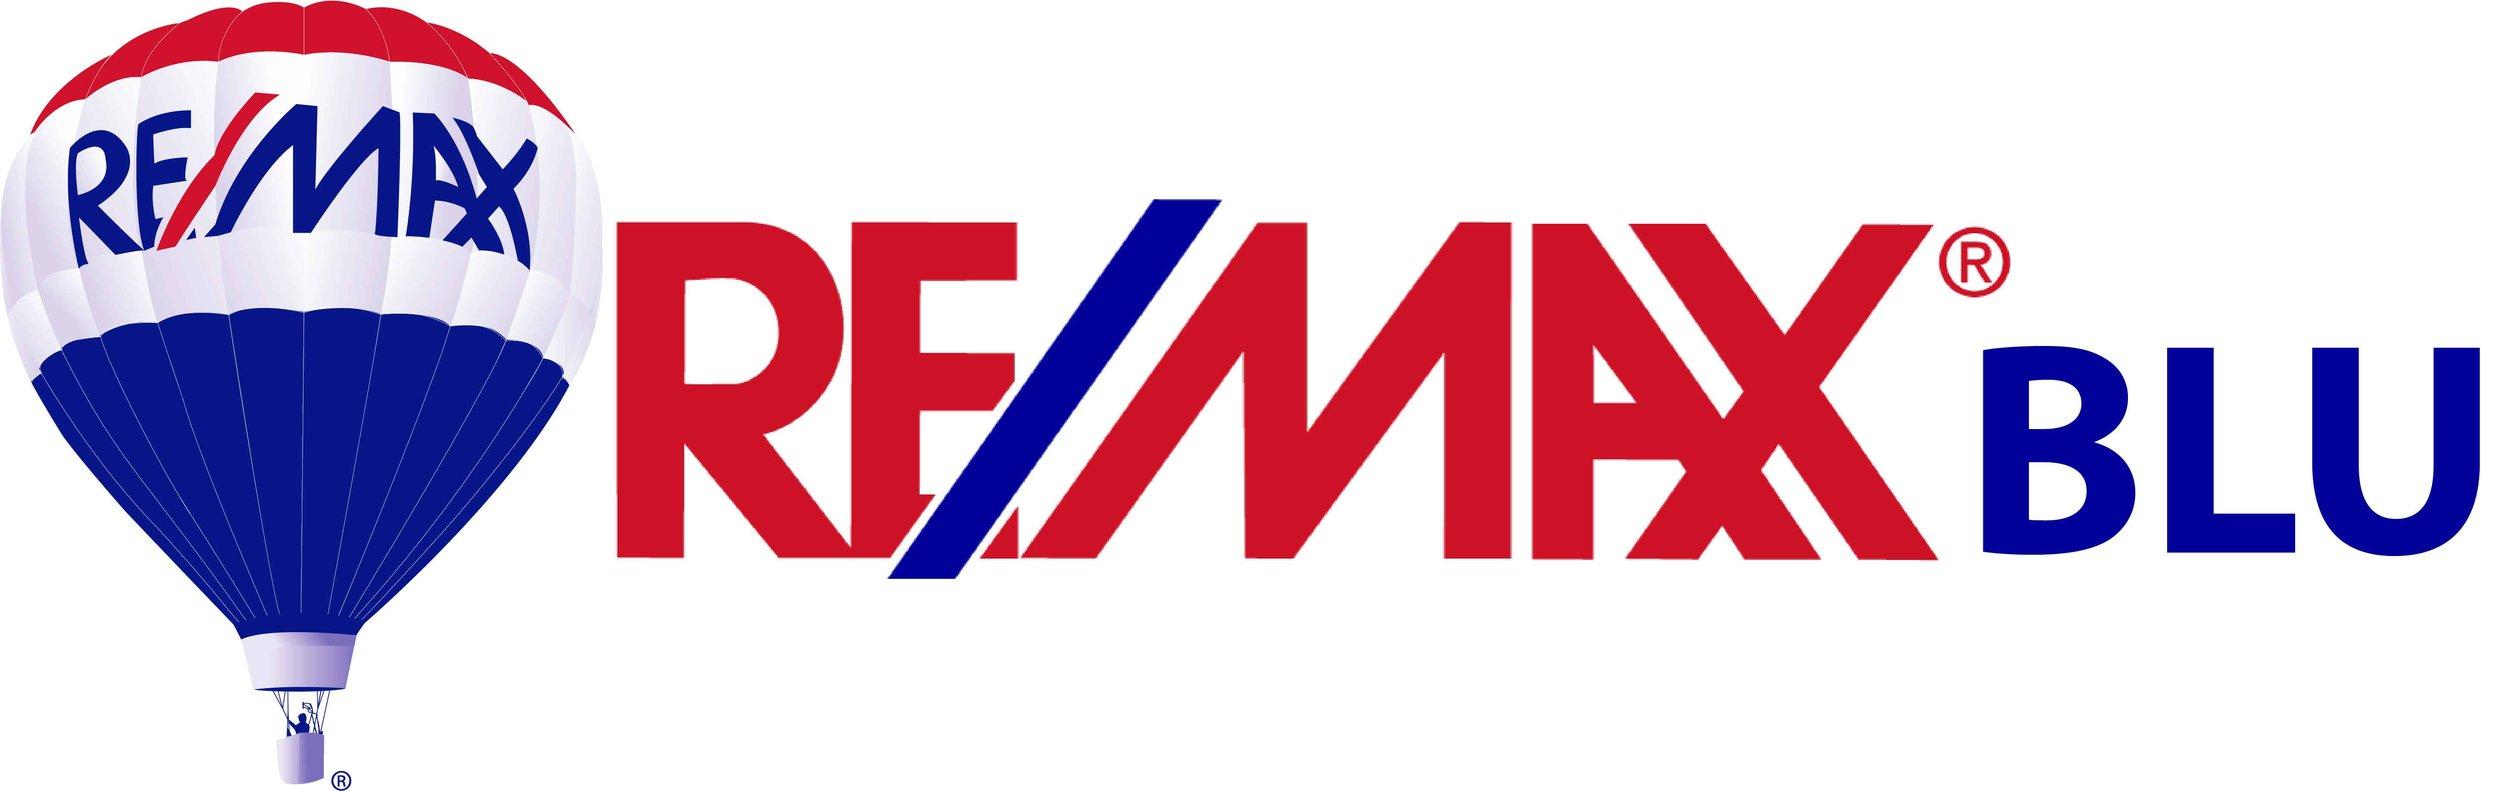 Logo remax BLU.jpg